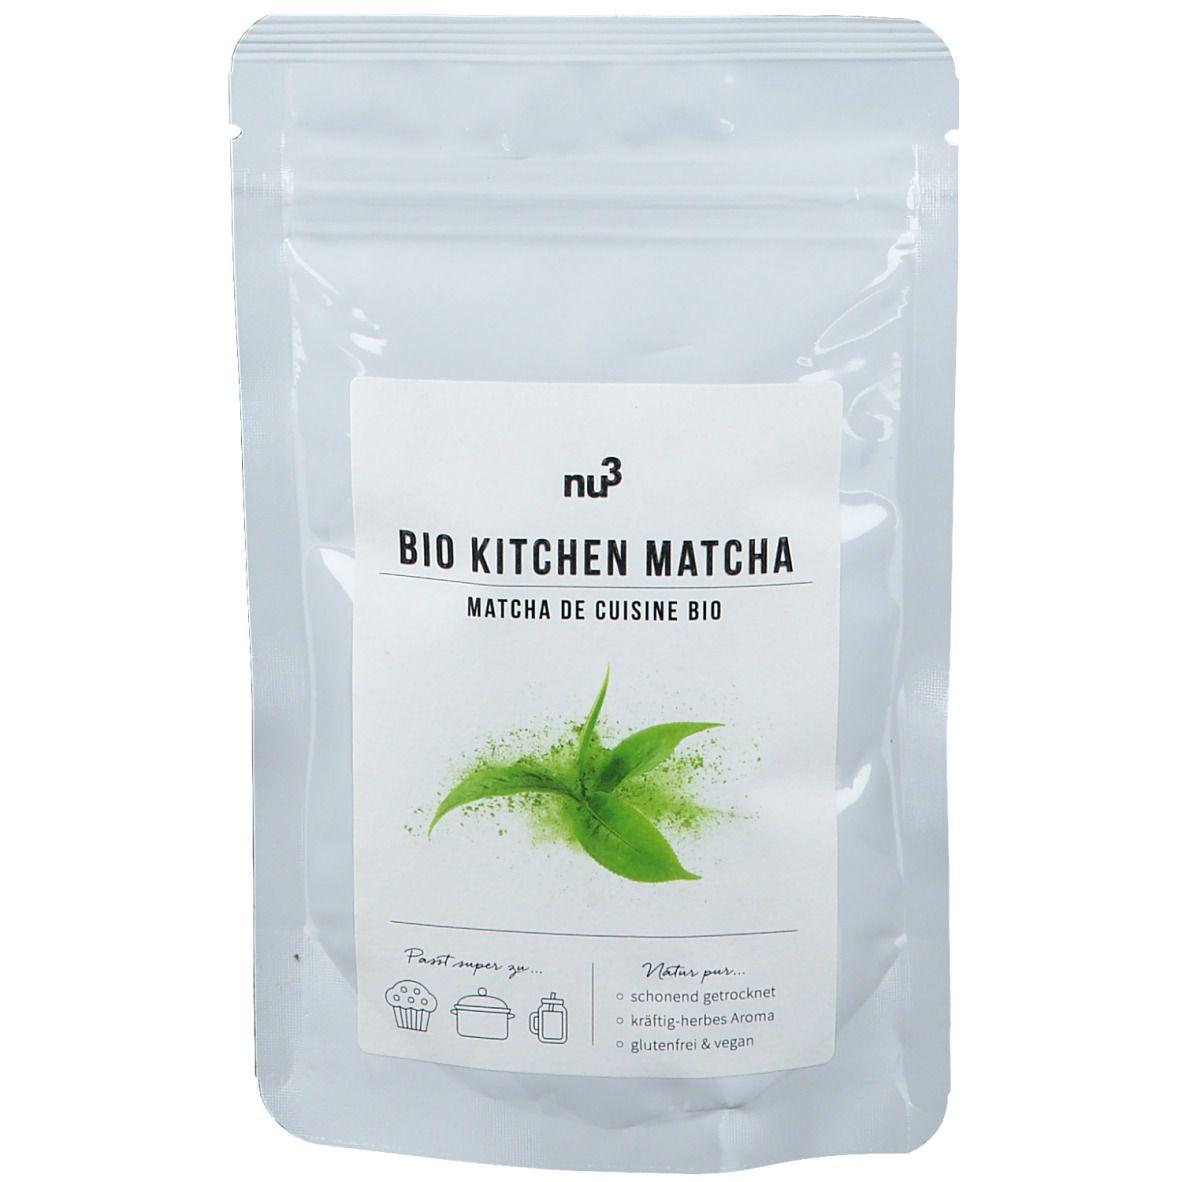 nu3 Kitchen Matcha bio g poudre